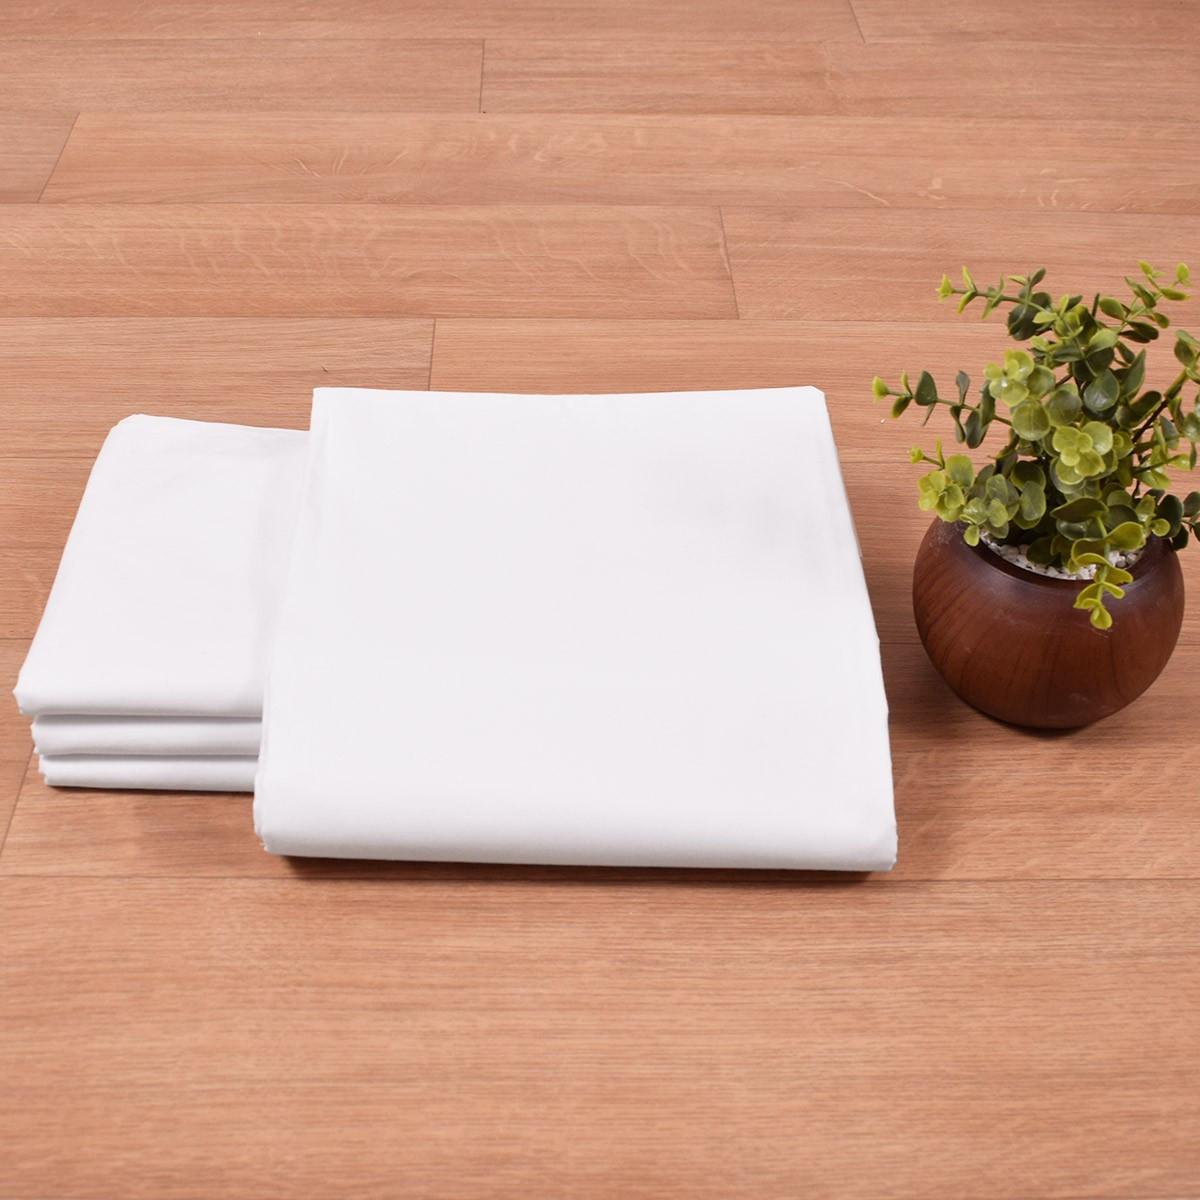 Παπλωματοθήκη (225x245) 70%Βαμβάκι 30%Polyester T200 home   επαγγελματικός εξοπλισμός   ξενοδοχειακός εξοπλισμός   παπλώματα   παπλωμ